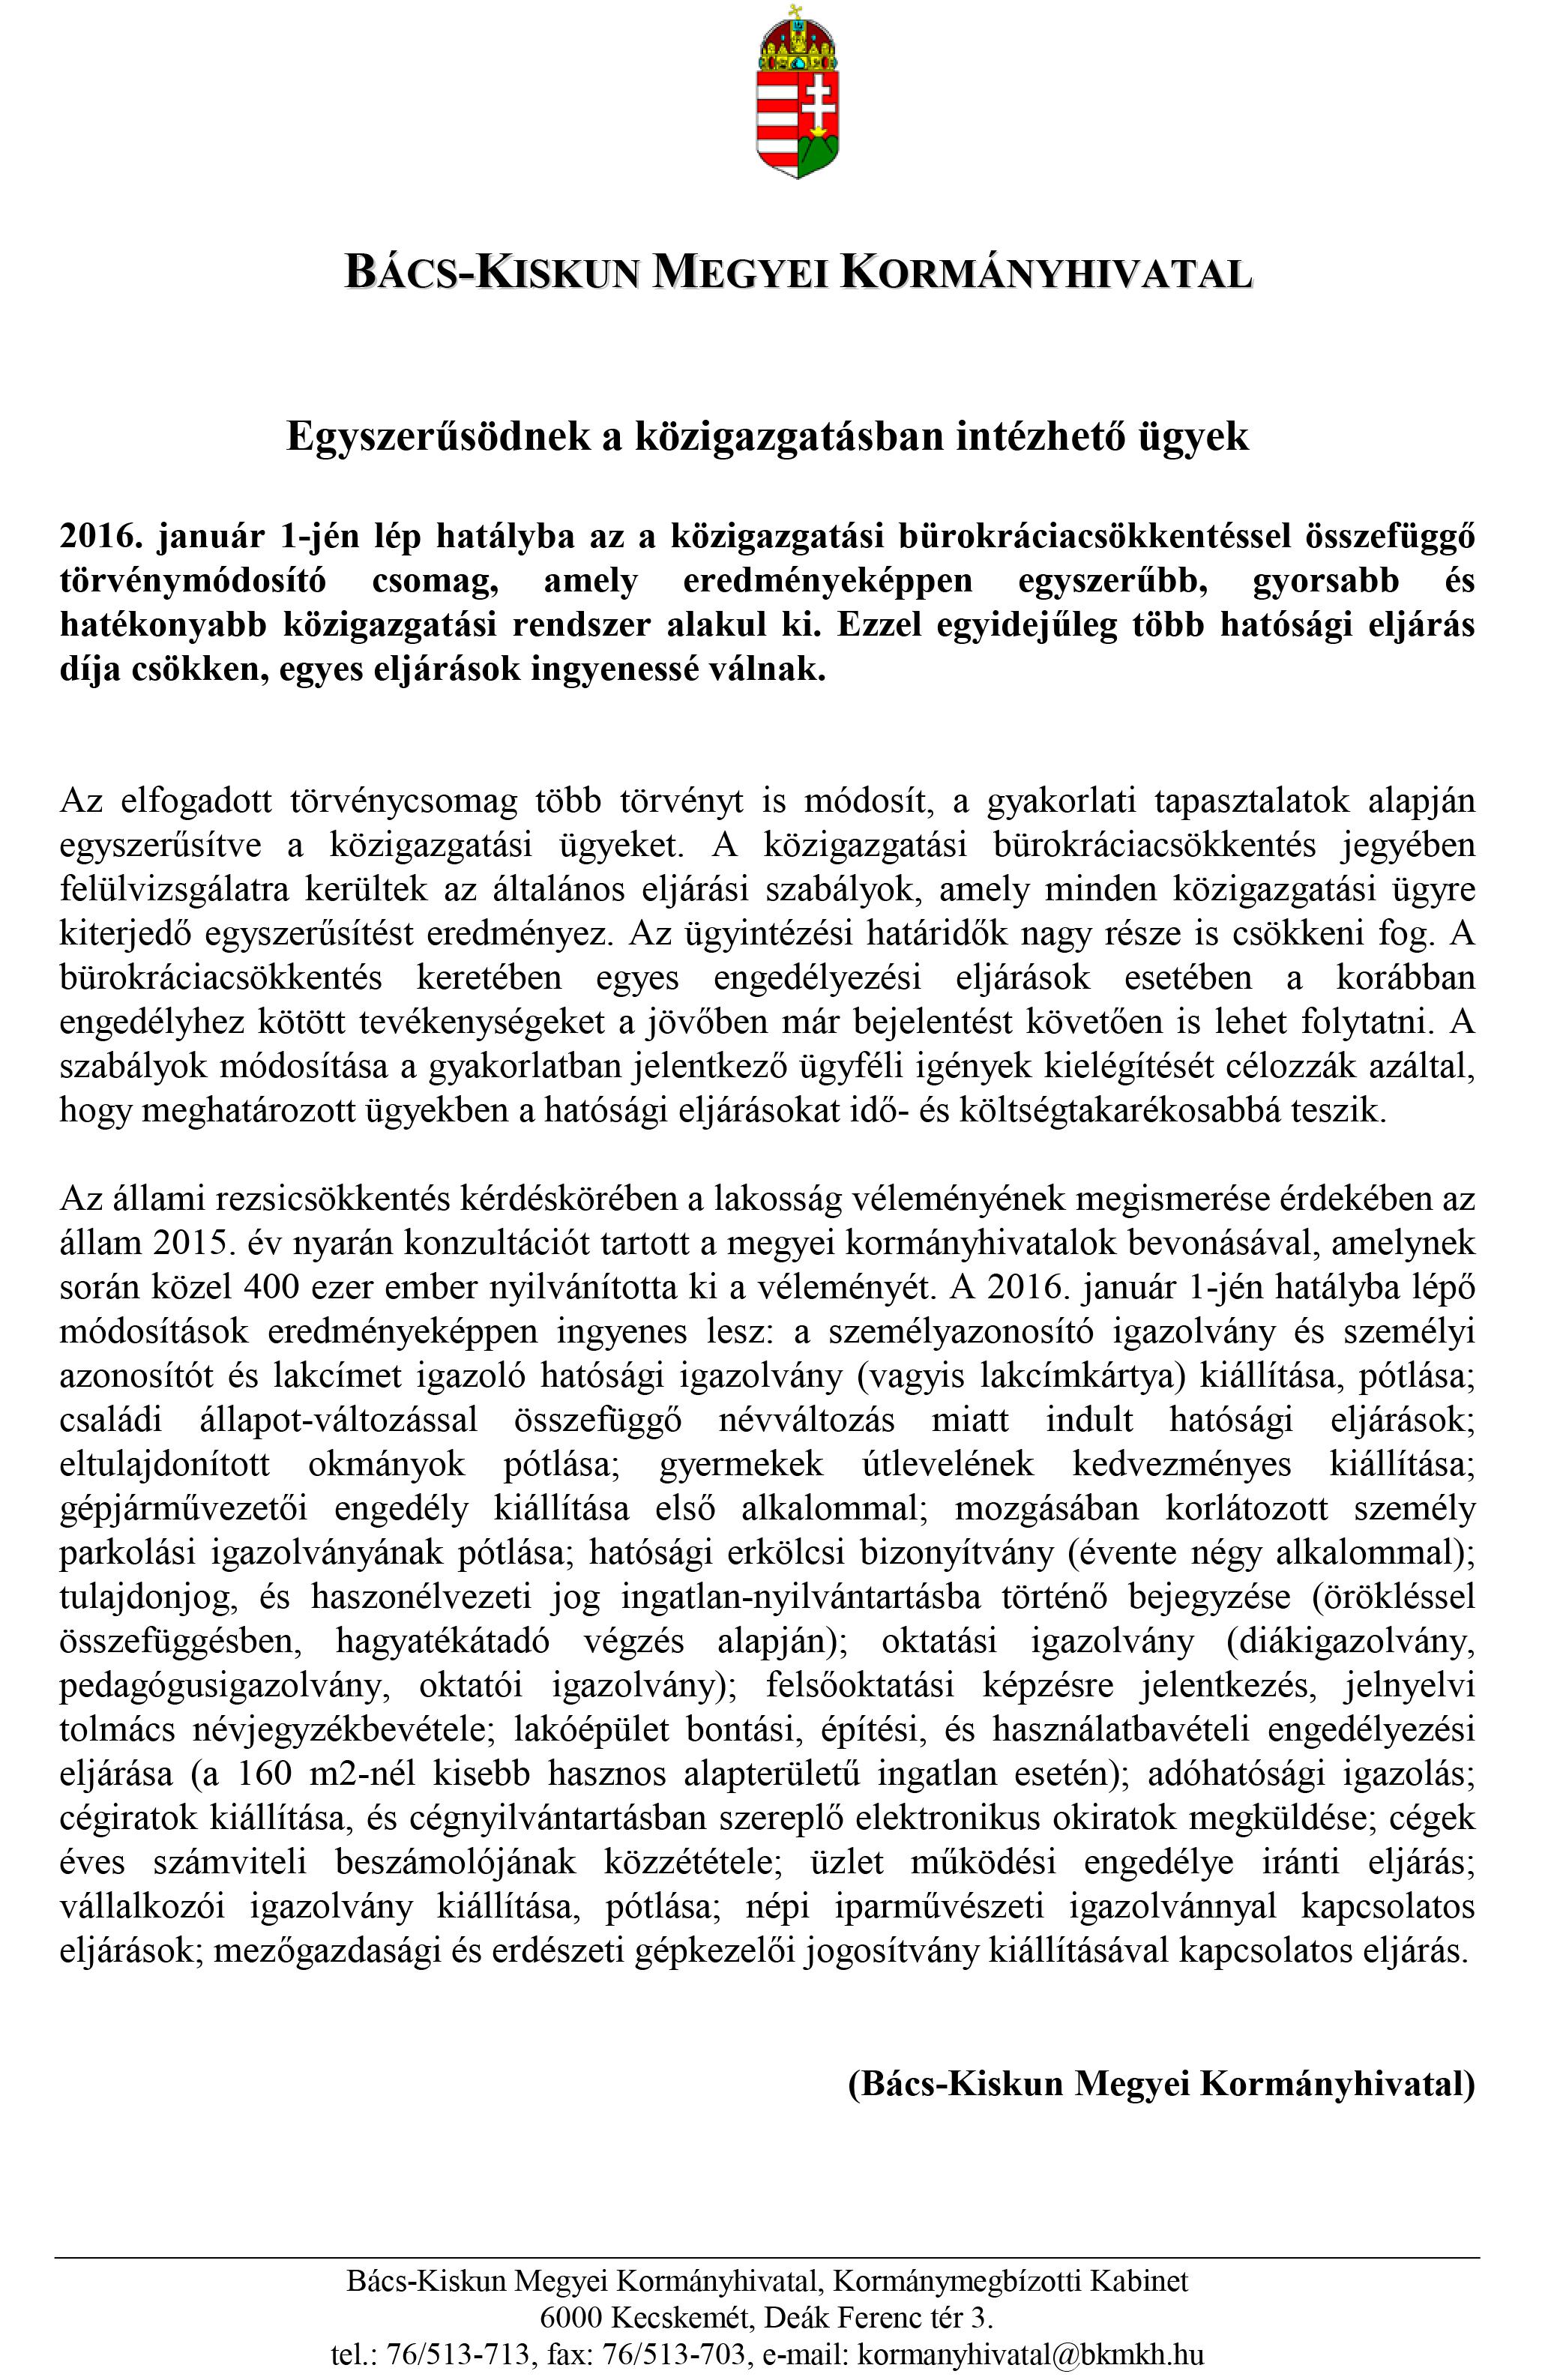 sajtóközlemény-rezsi és bürokráciacsökkentés